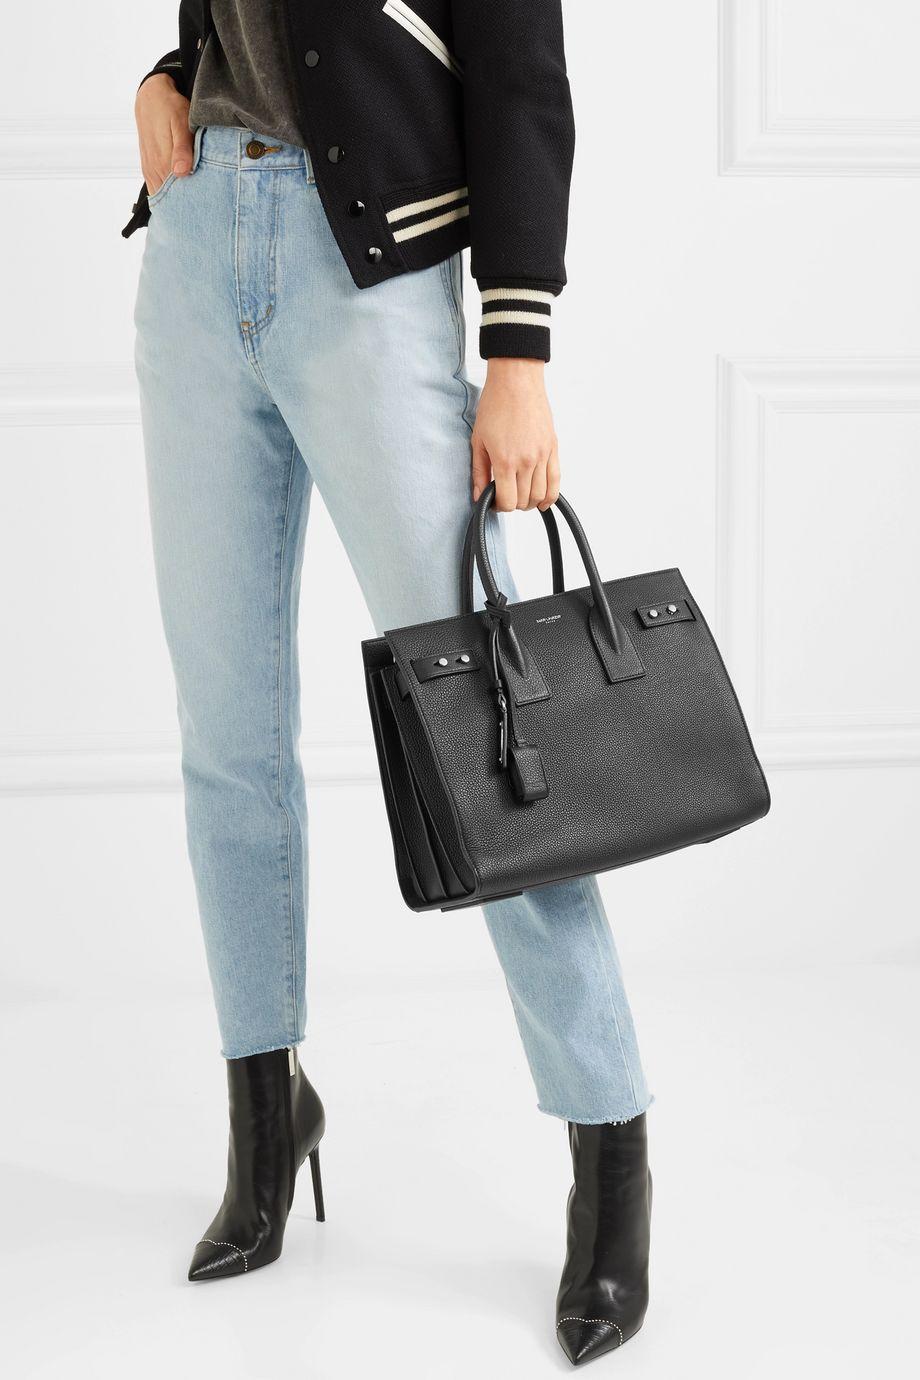 SAINT LAURENT Sac De Jour textured-leather tote